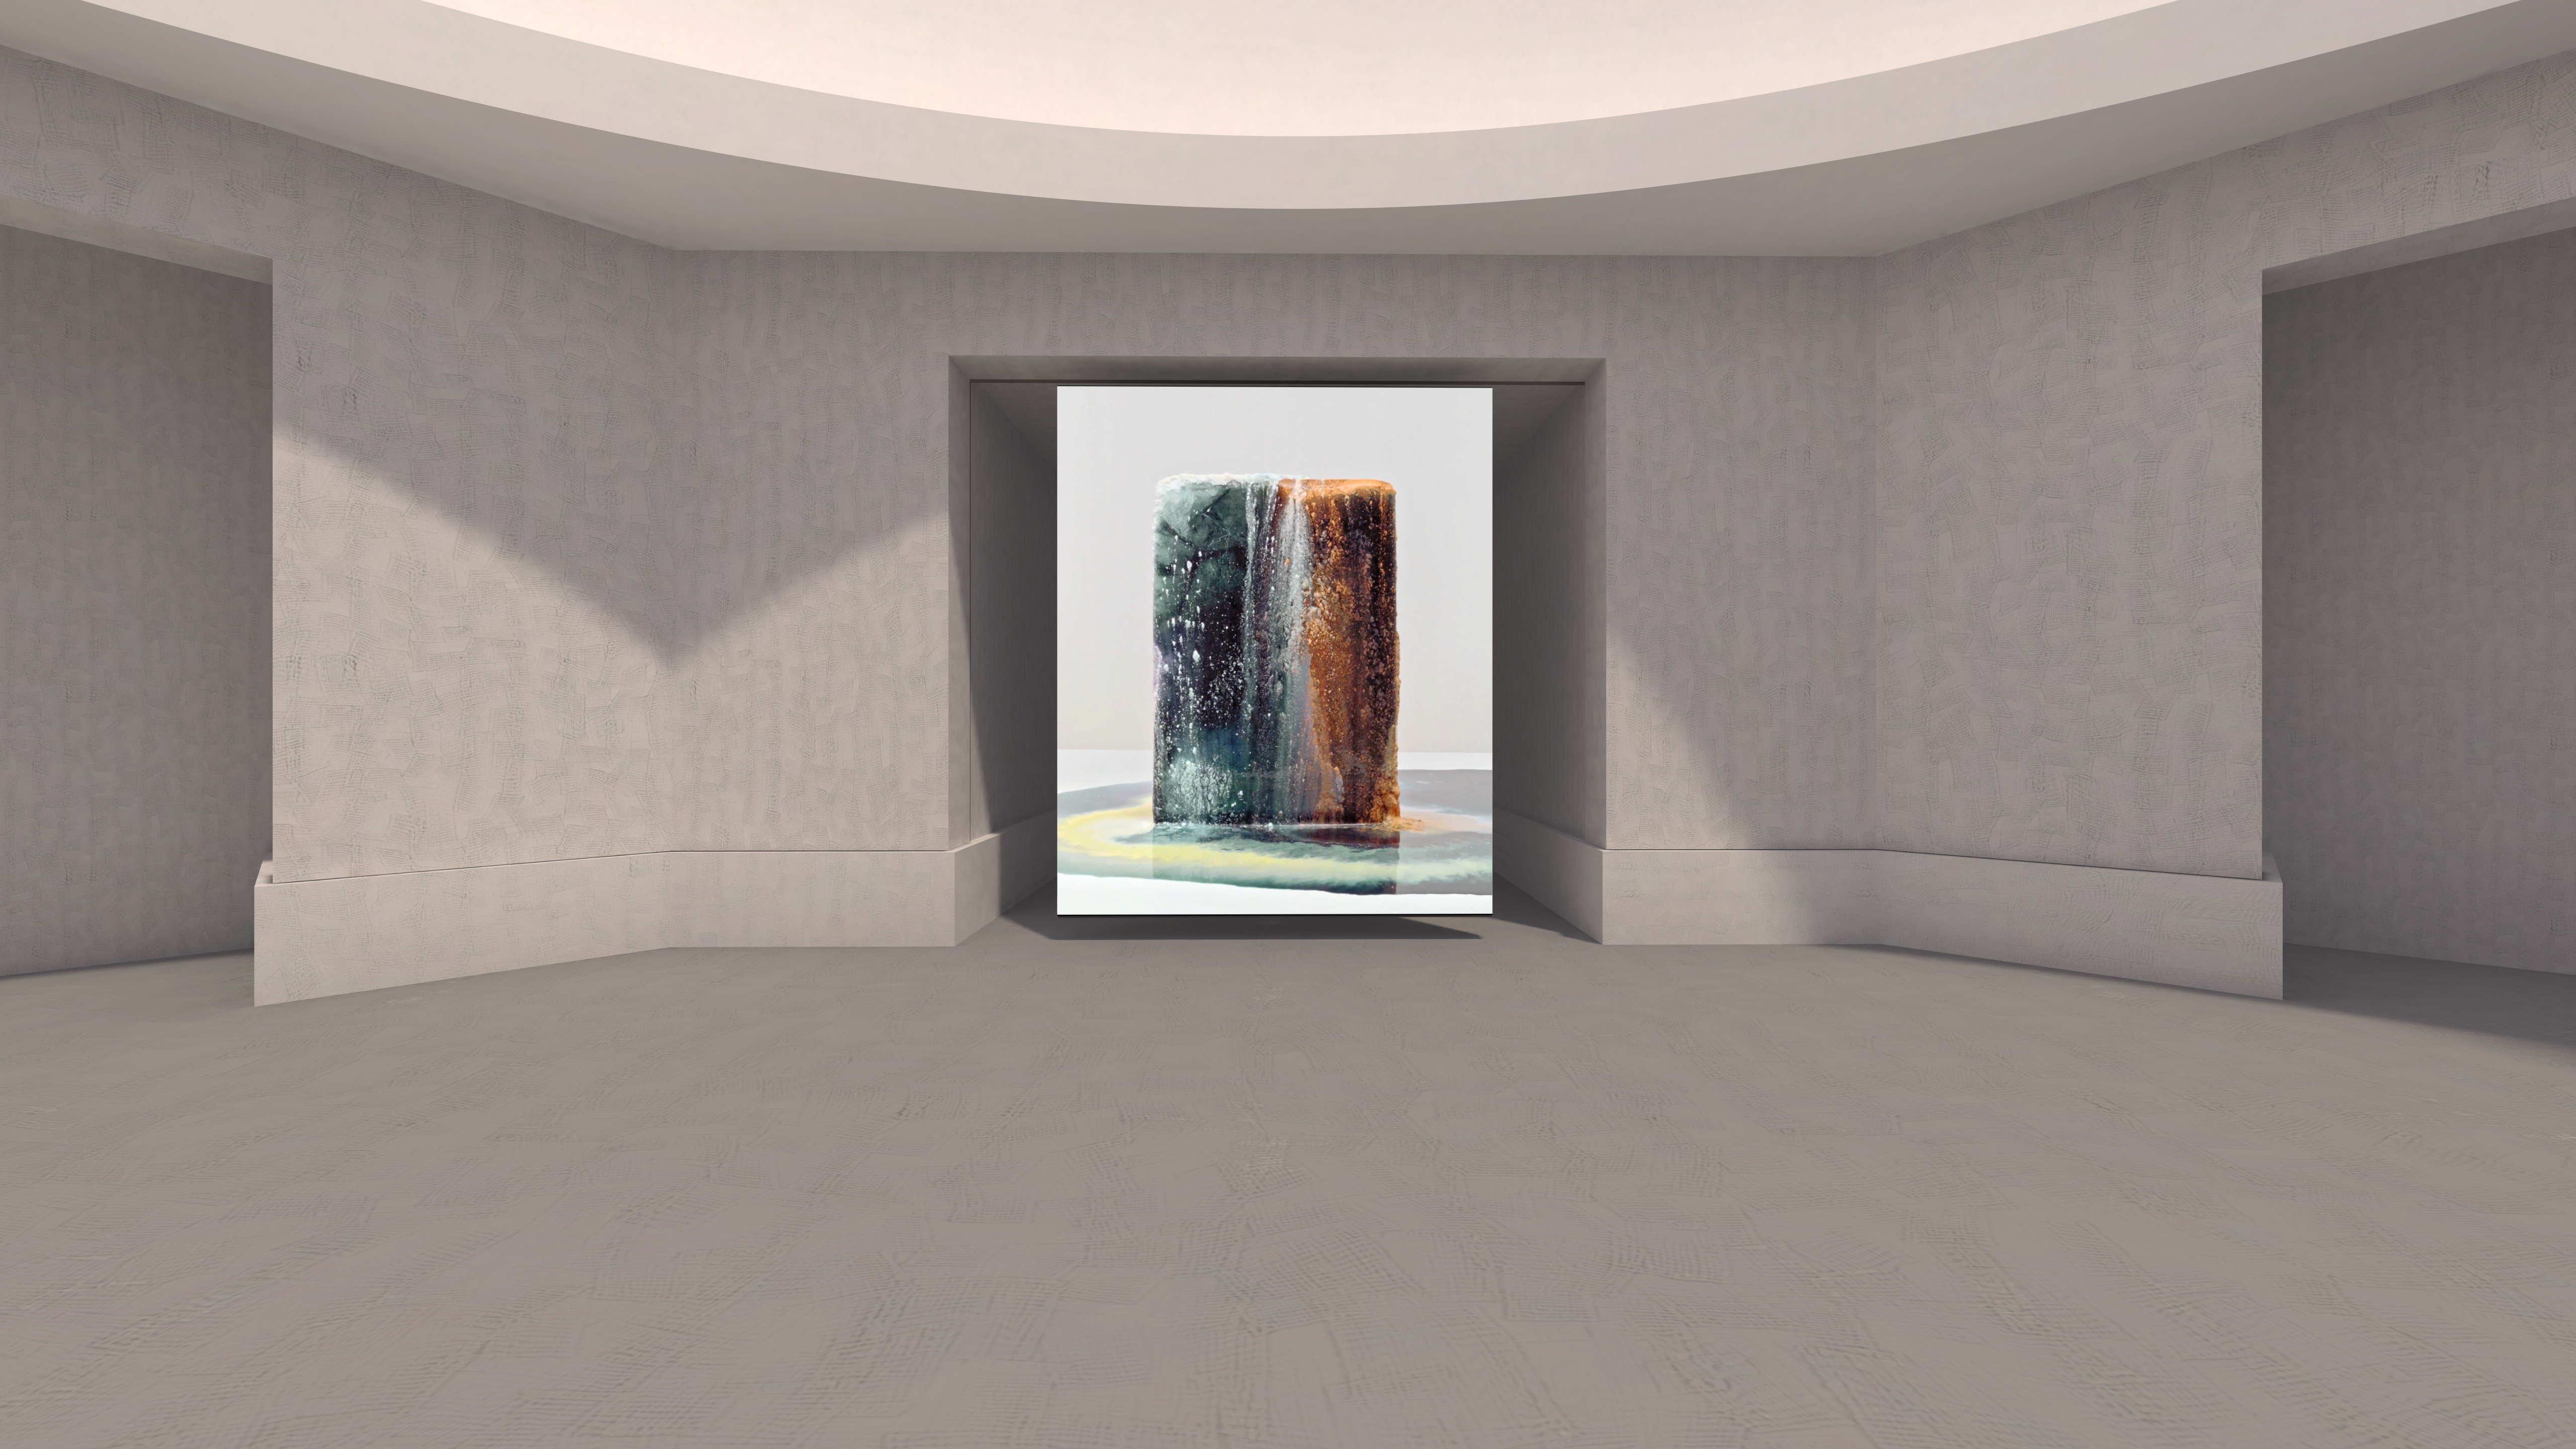 Gallery2-Stills-007